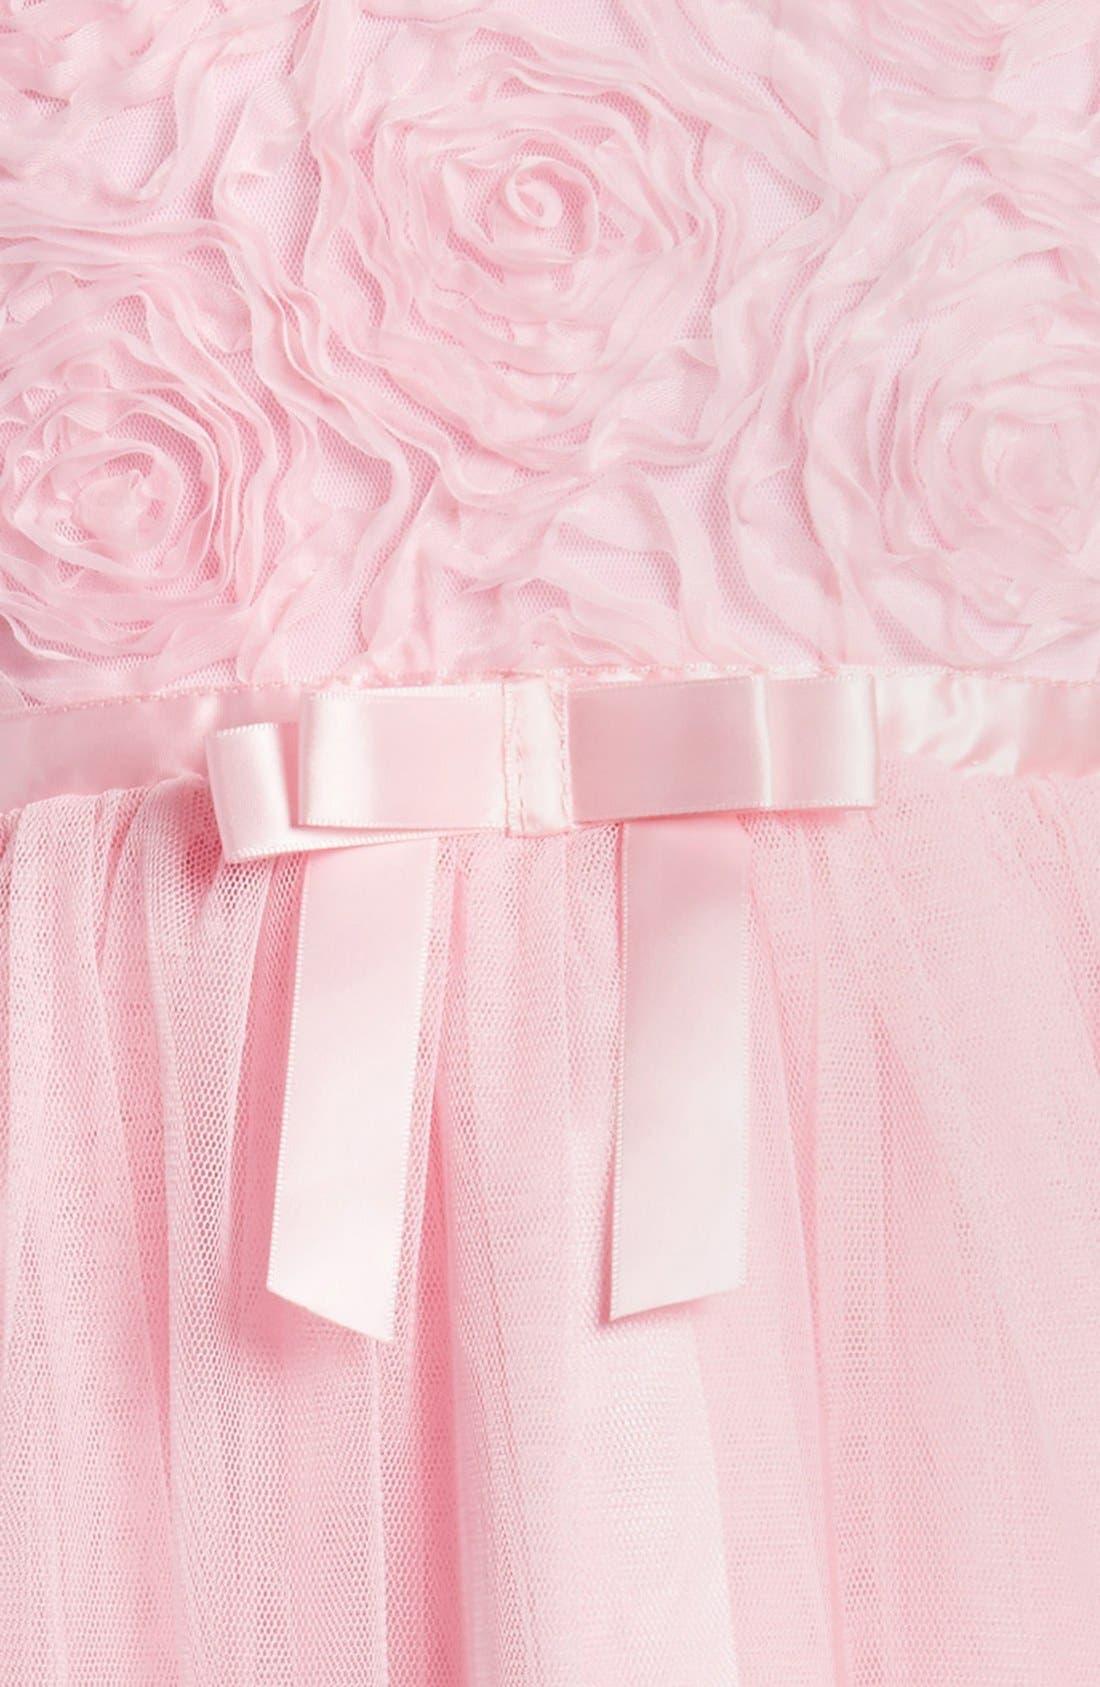 POPATU, Ribbon Rosette Tulle Dress, Alternate thumbnail 3, color, PINK